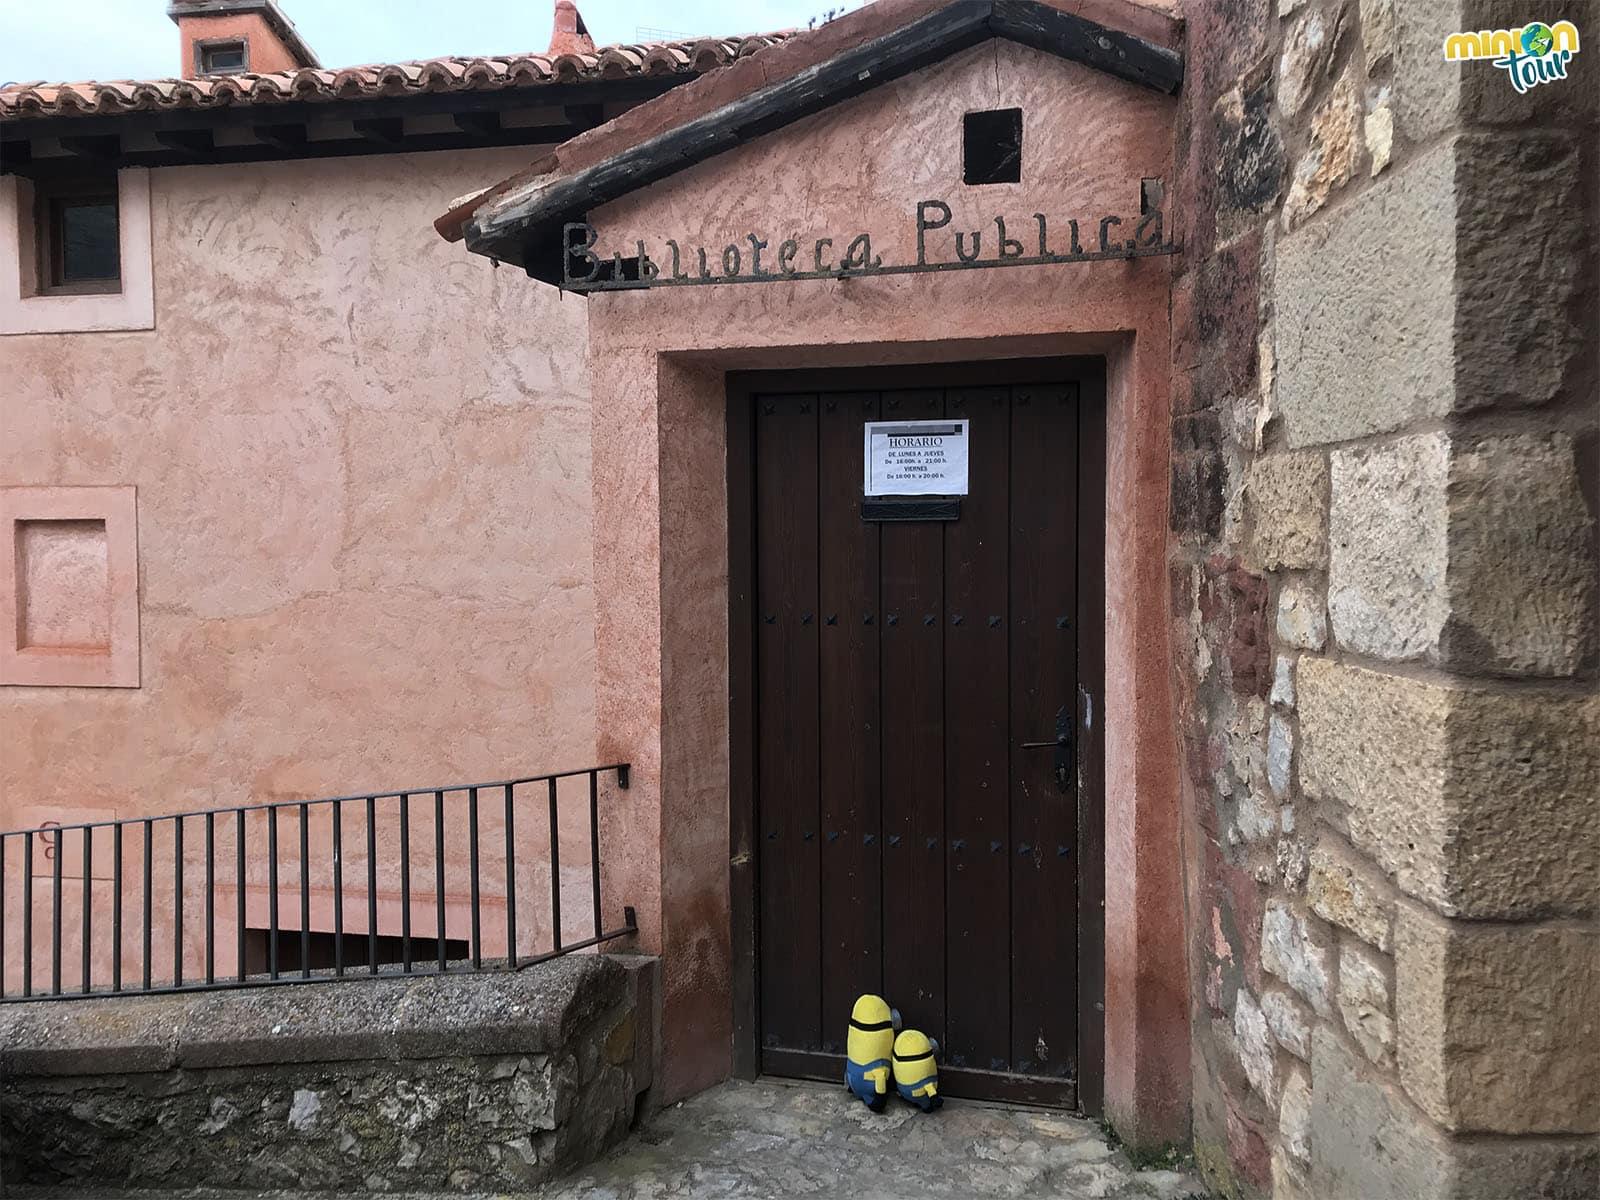 Puerta de la Biblioteca Pública